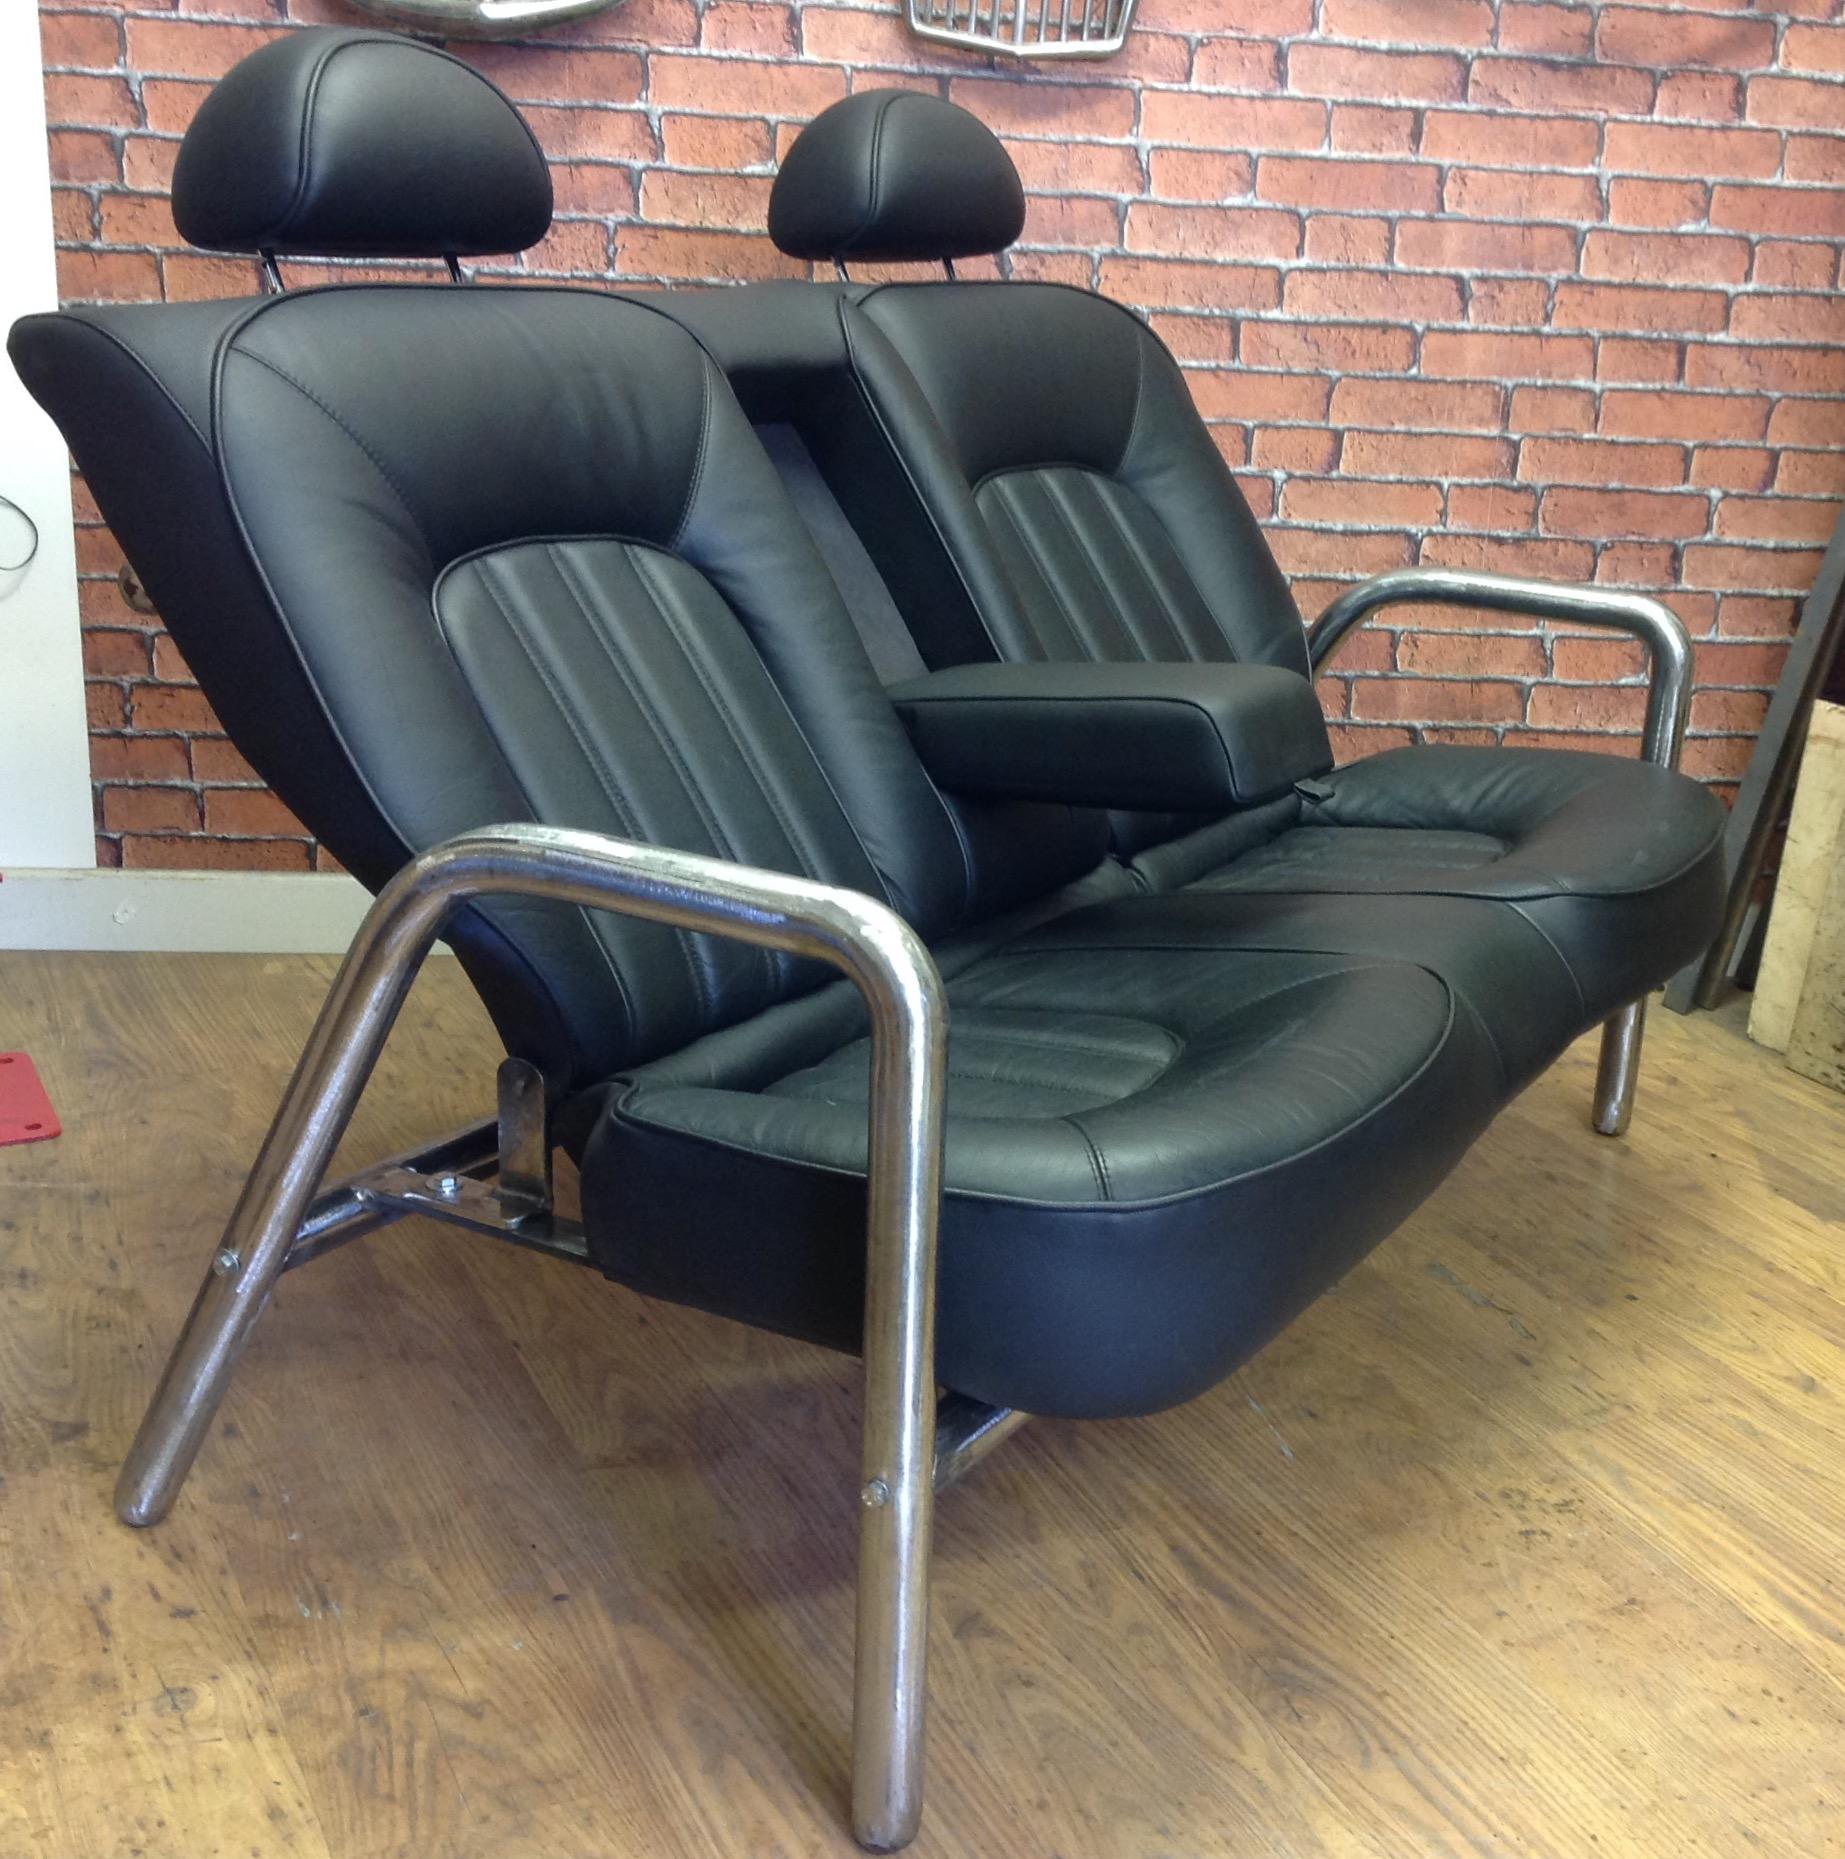 rover-mofa-rear-car-seat-chair-sofa-loft-style-.jpg